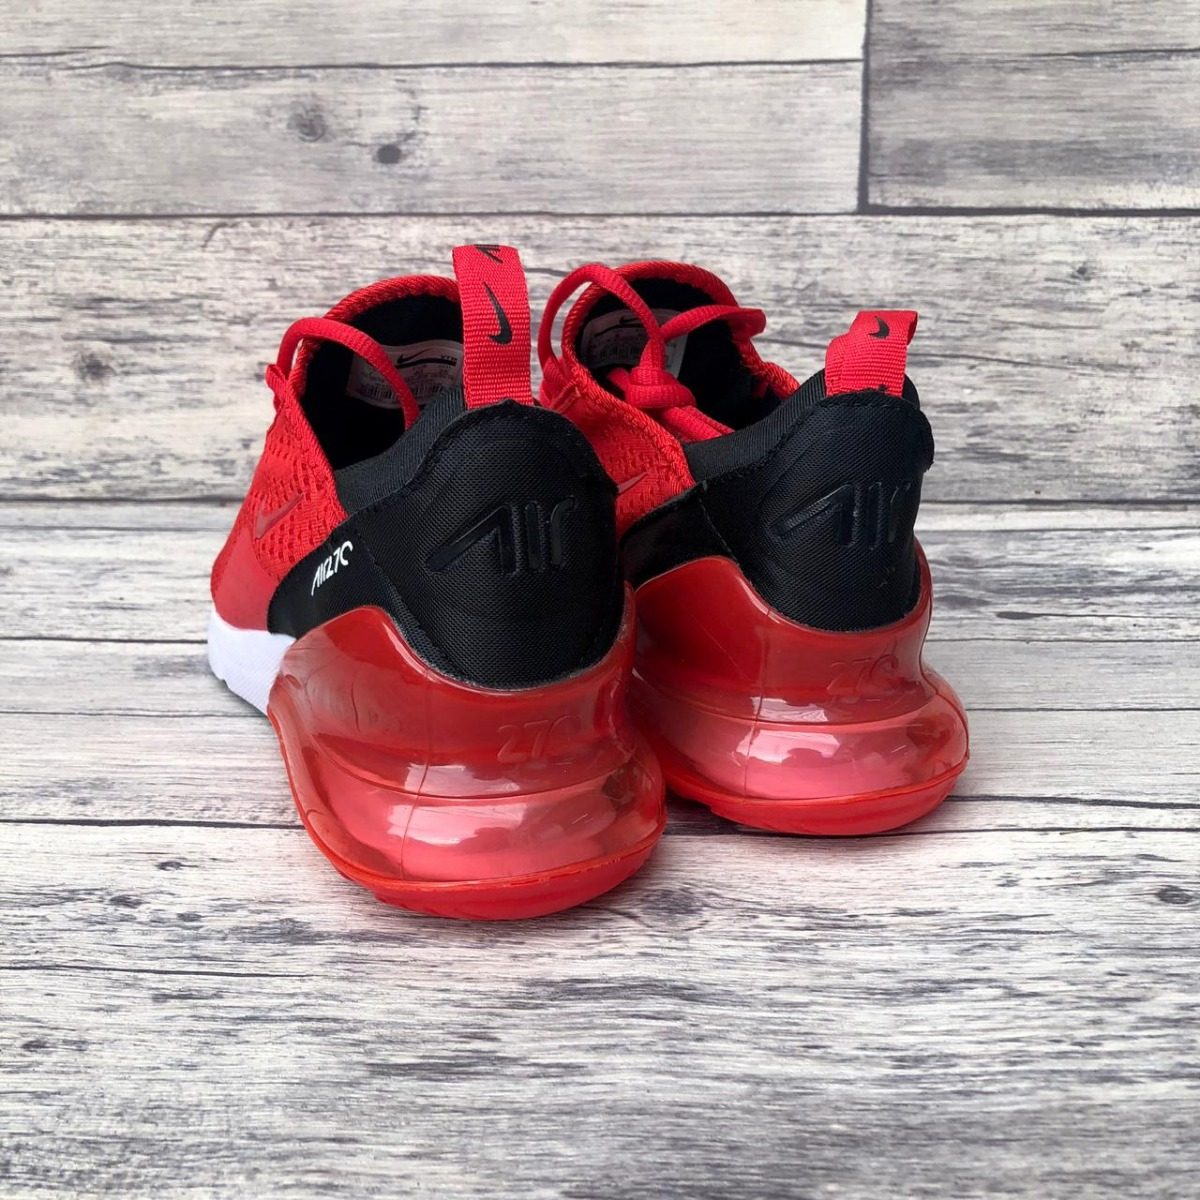 meet c46d2 a3e62 Tenis Nike Air Max 270 Varios Colores Hombre Black Friday -   850.00 ...